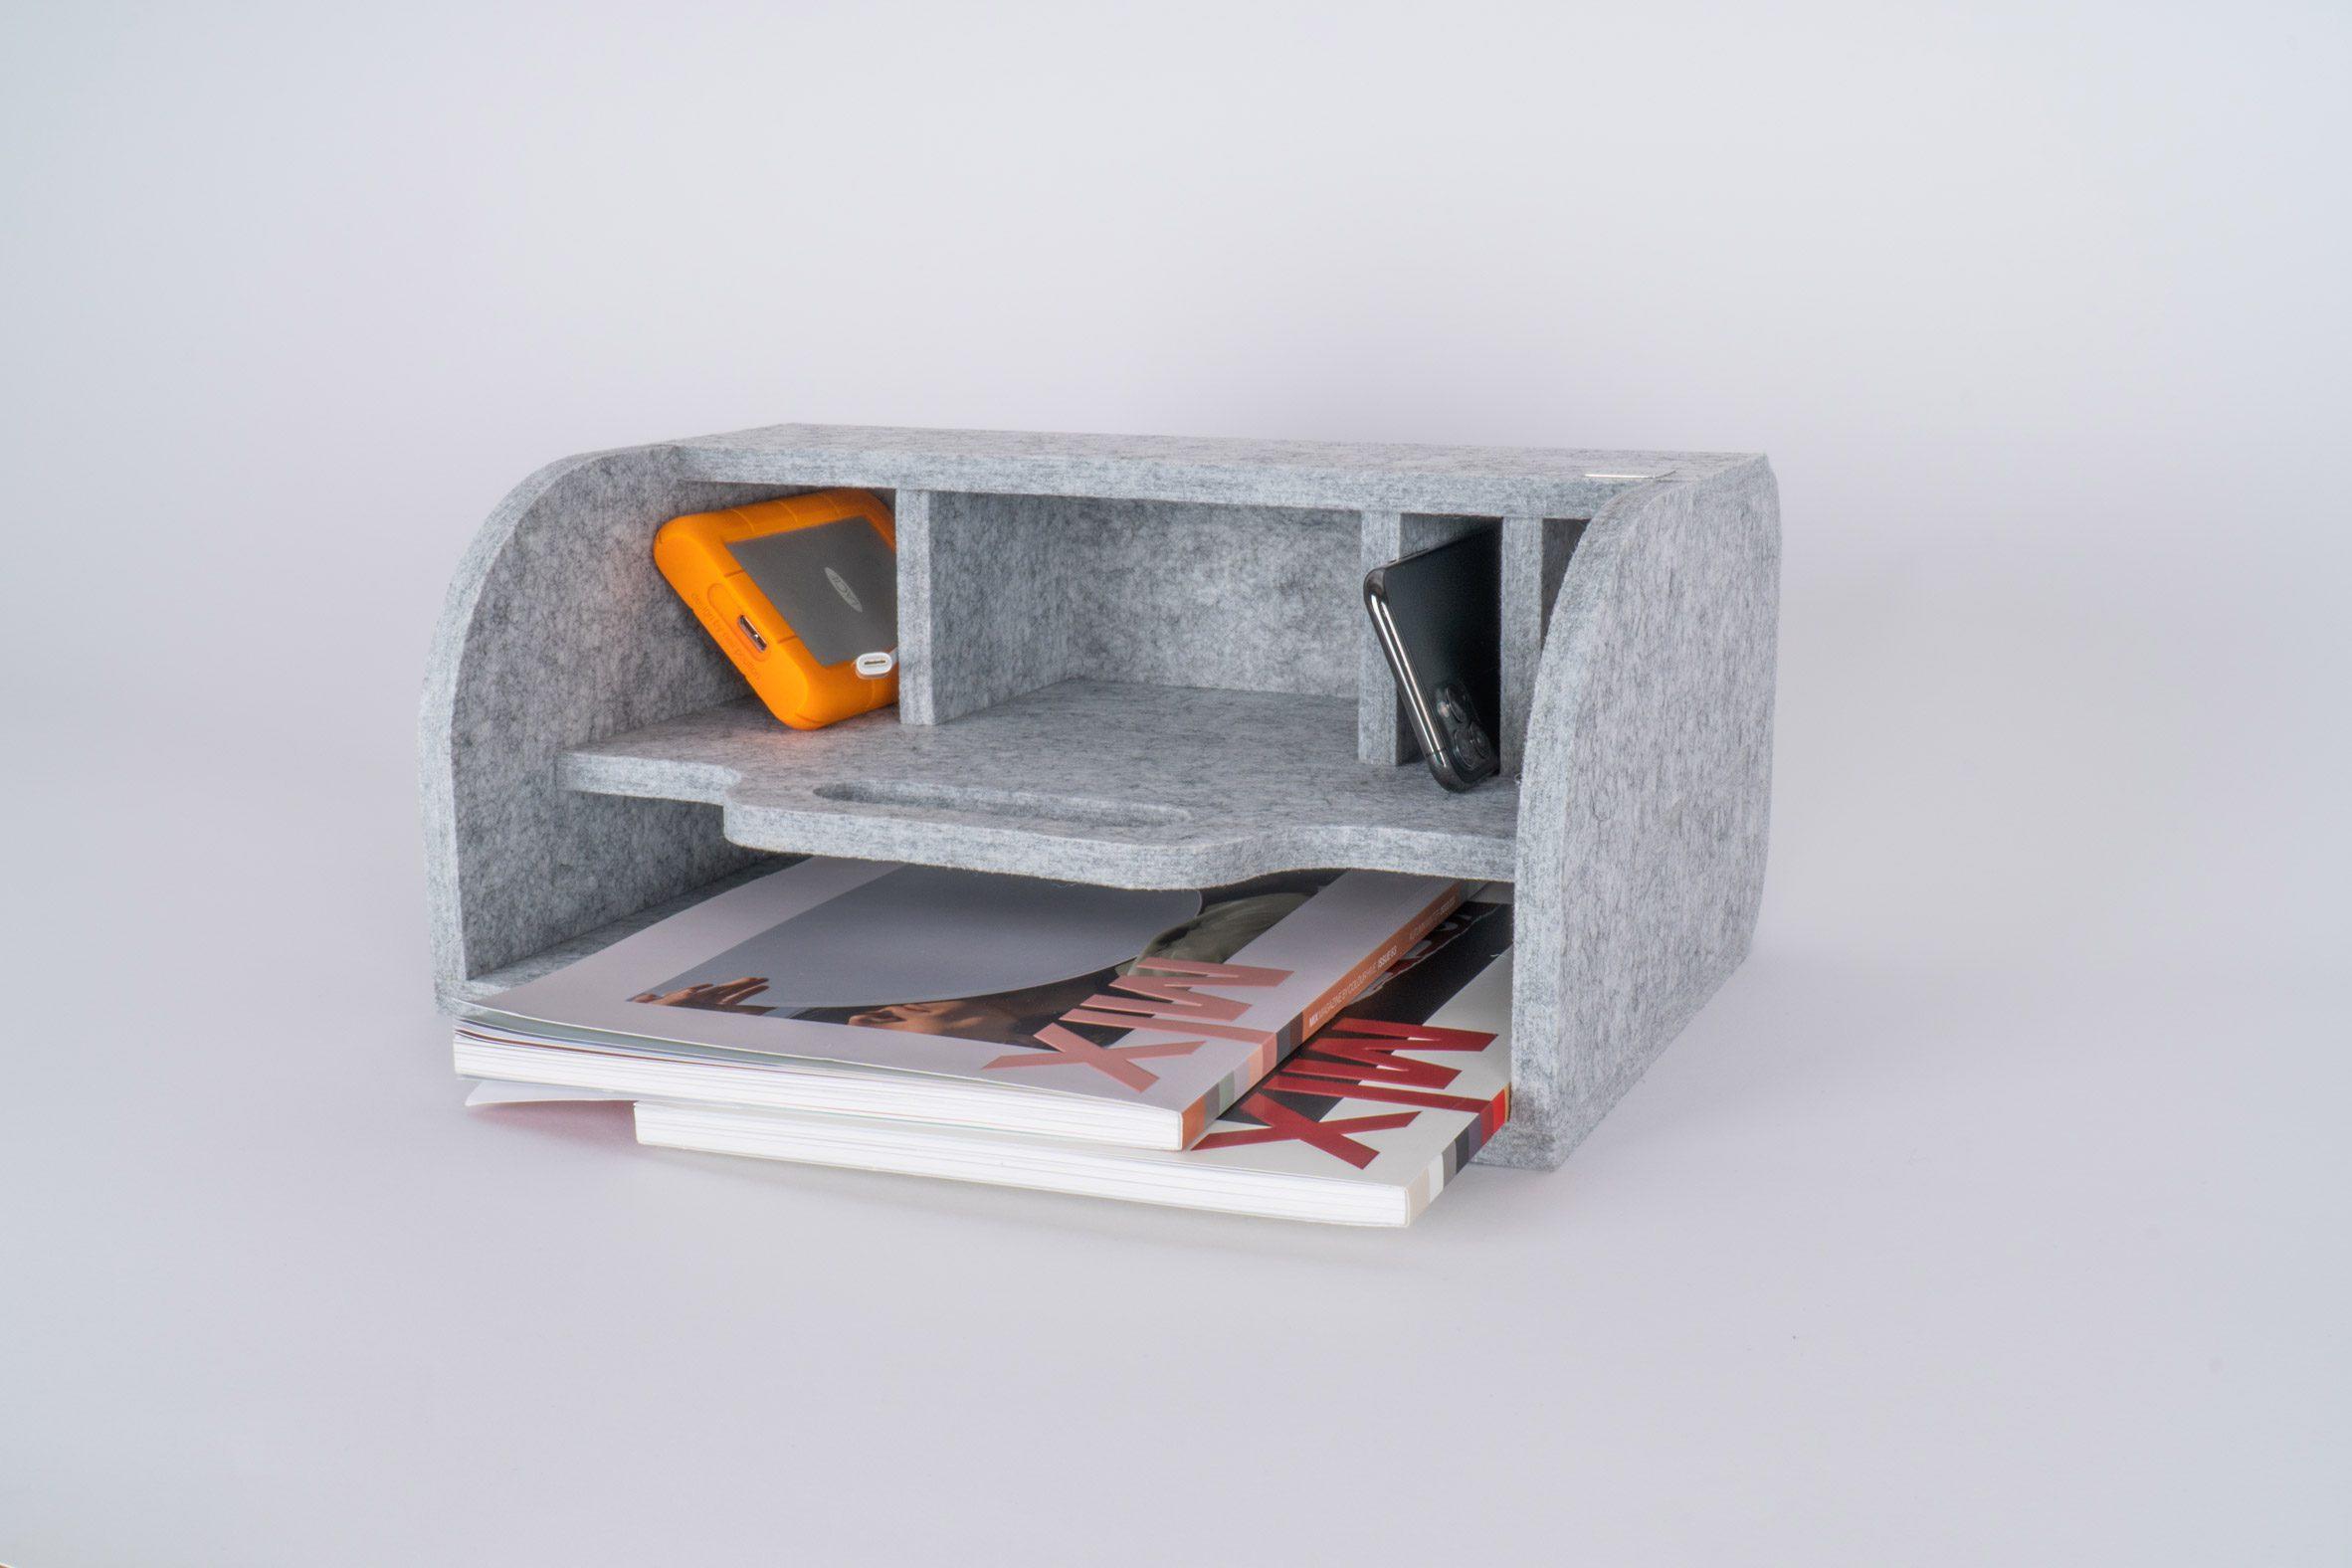 Акустический настольный органайзер TwoWay от Impact Acoustic, размещаемый лежа, образуя входной лоток